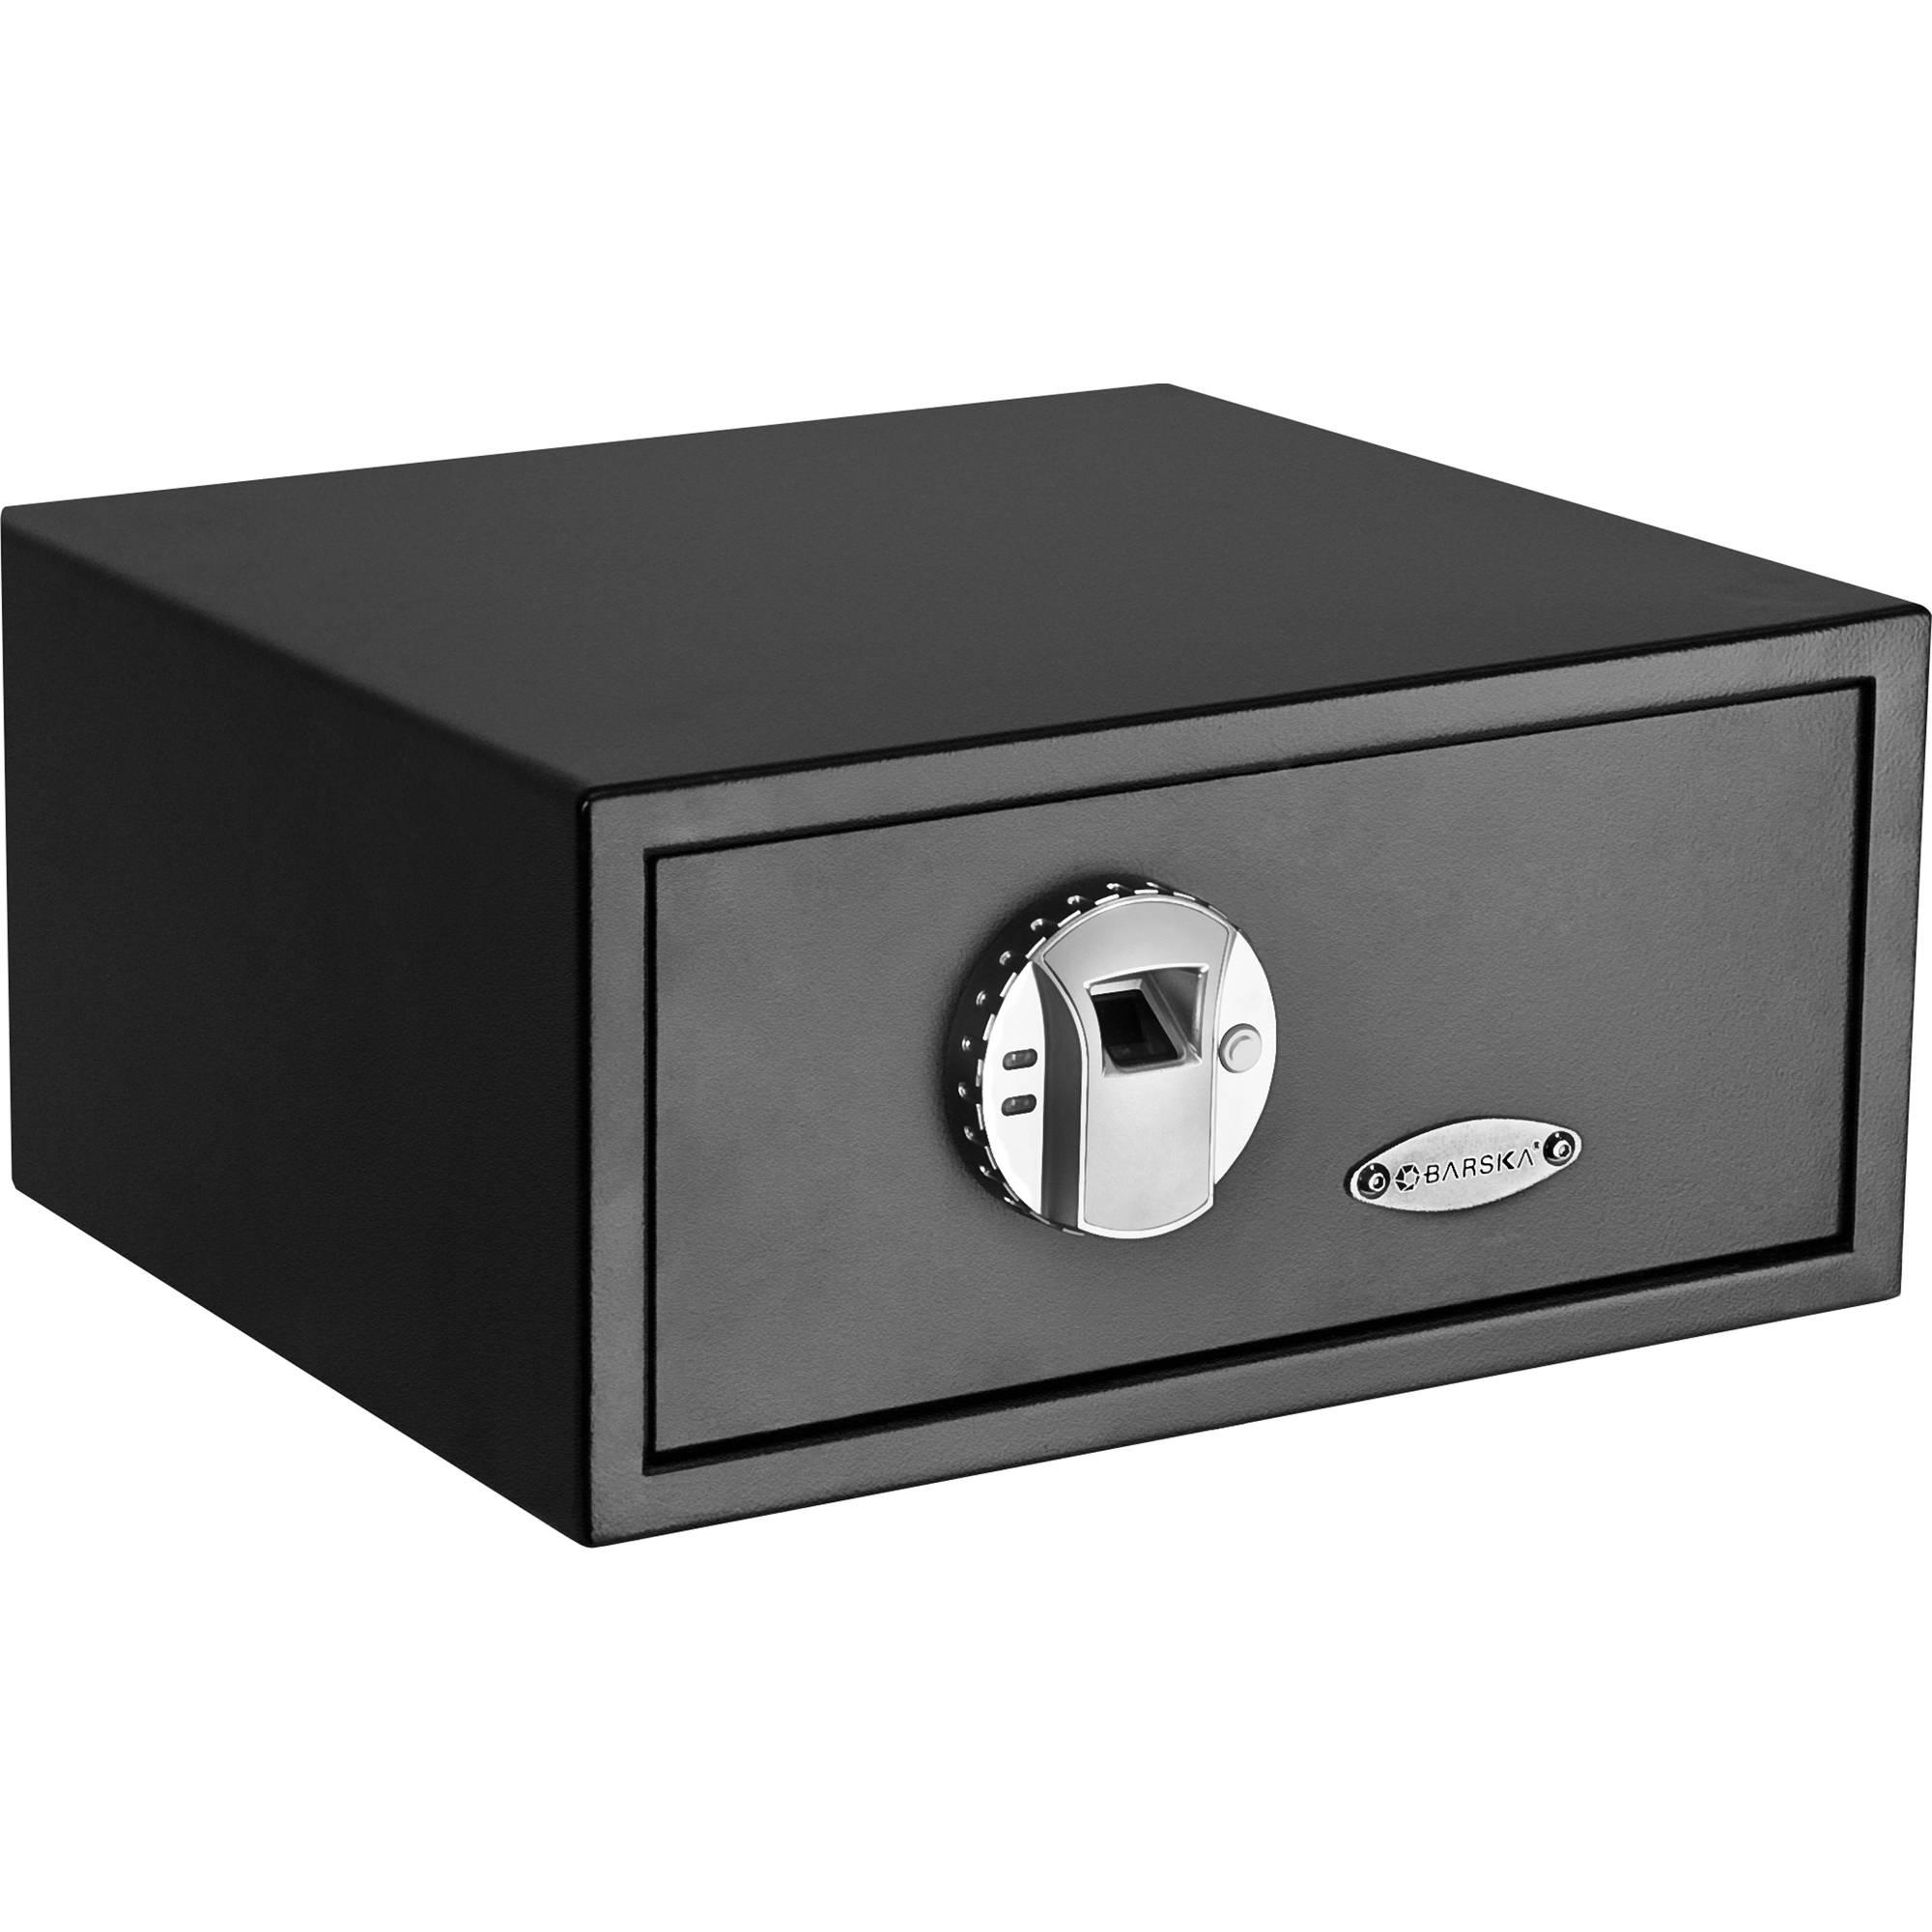 Barska Biometric Fingerprint Safe